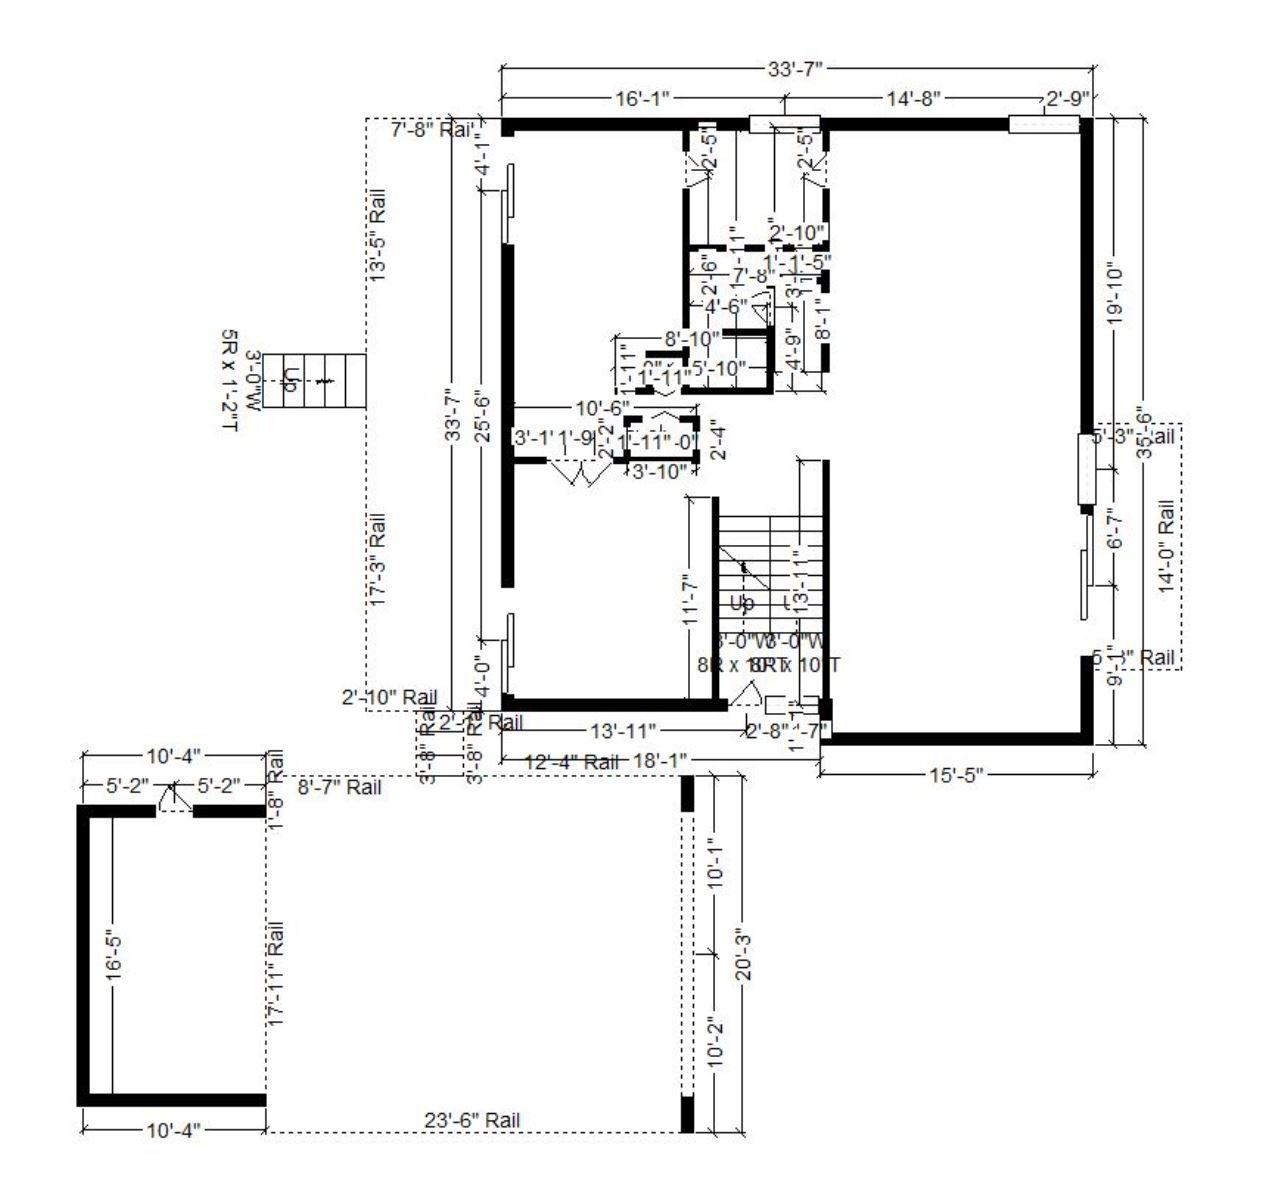 Μονοκατοικία για την Πώληση στο 4 Delford Avenue, Silver Spring Silver Spring, Μεριλαντ 20904 Ηνωμενεσ Πολιτειεσ